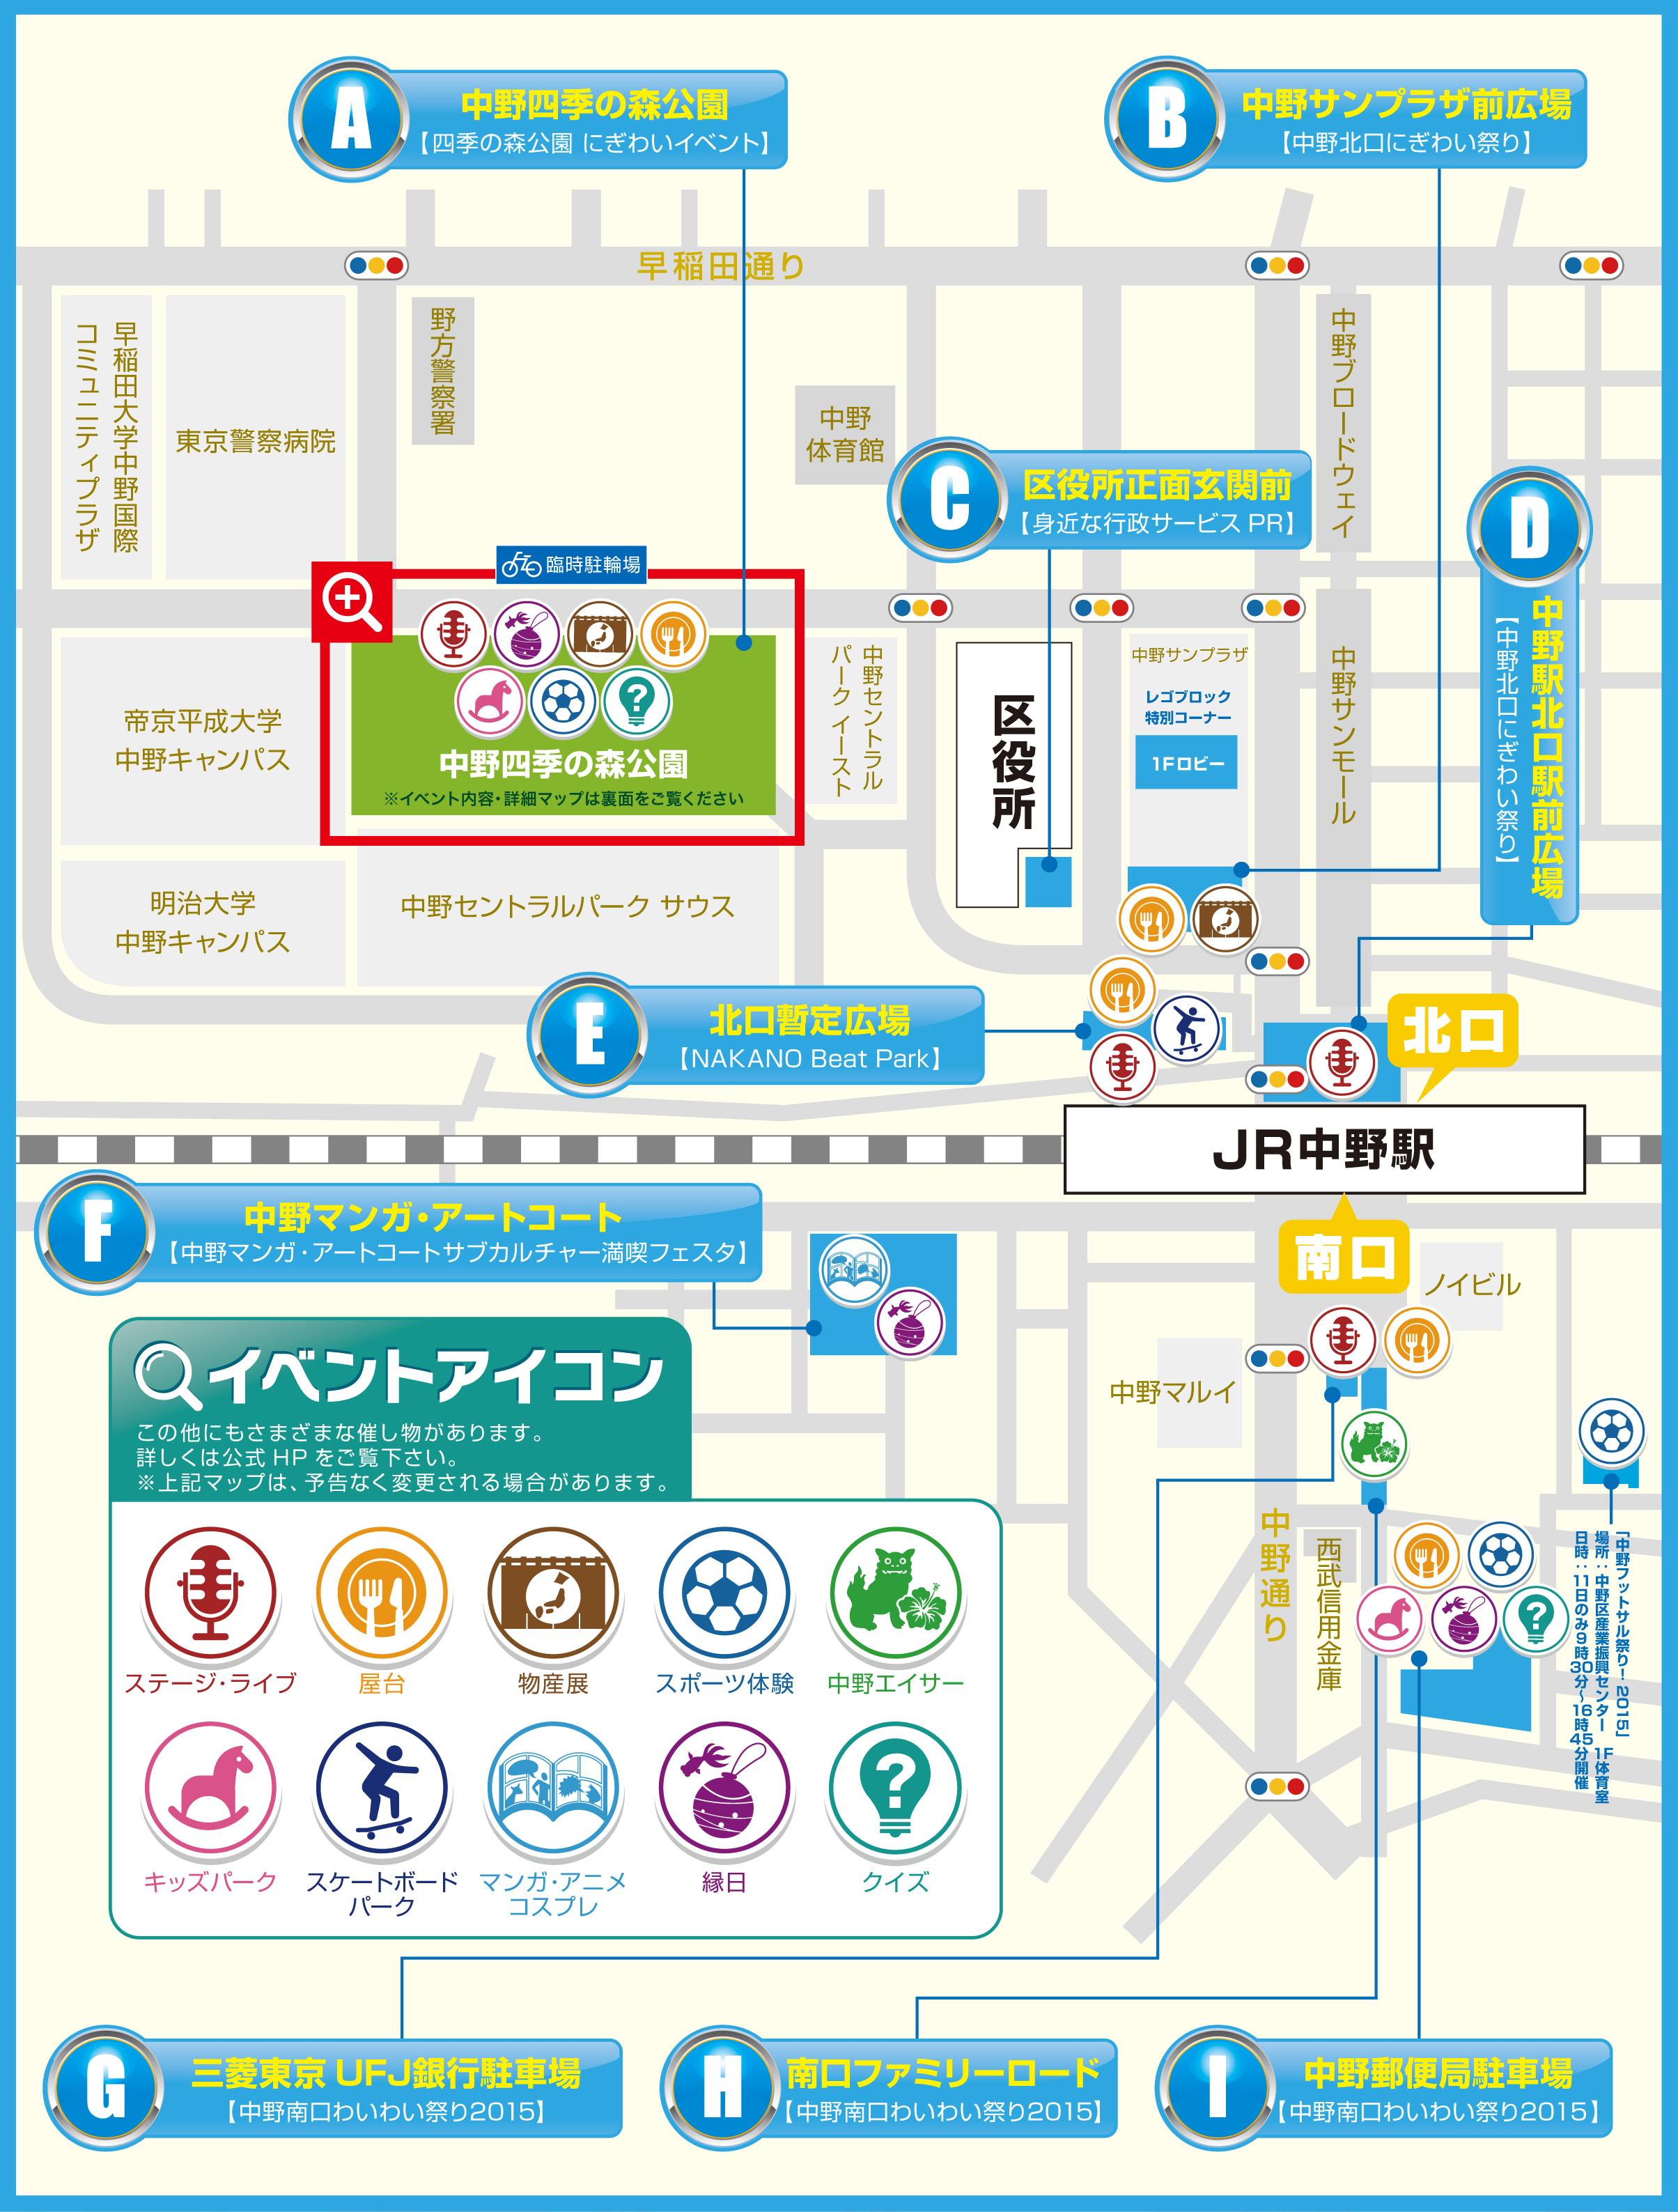 中野にぎわいフェスタ2015 会場地図